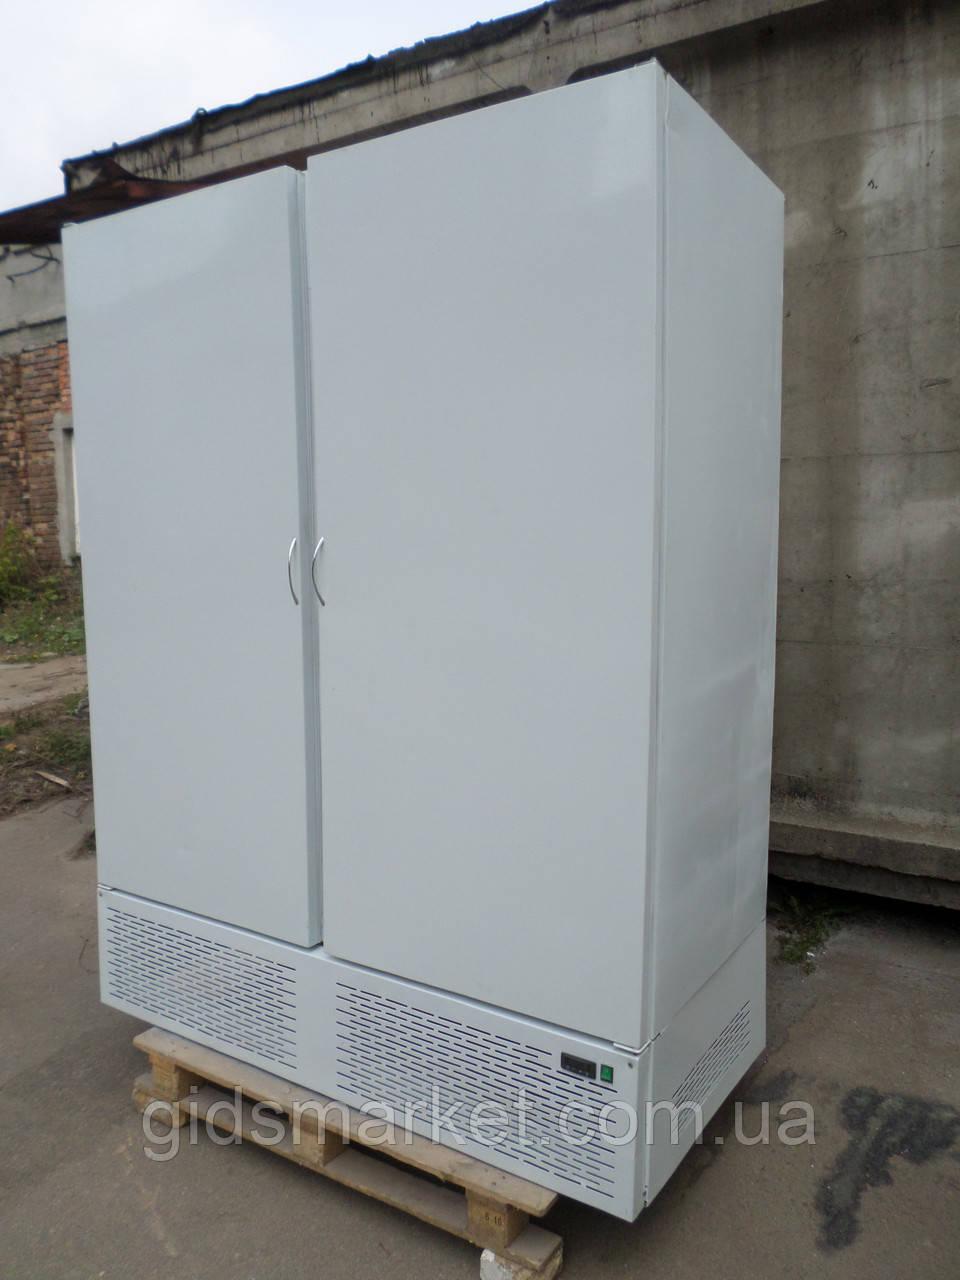 Шкаф глухой холодильный б у, шкаф холодильный б/у